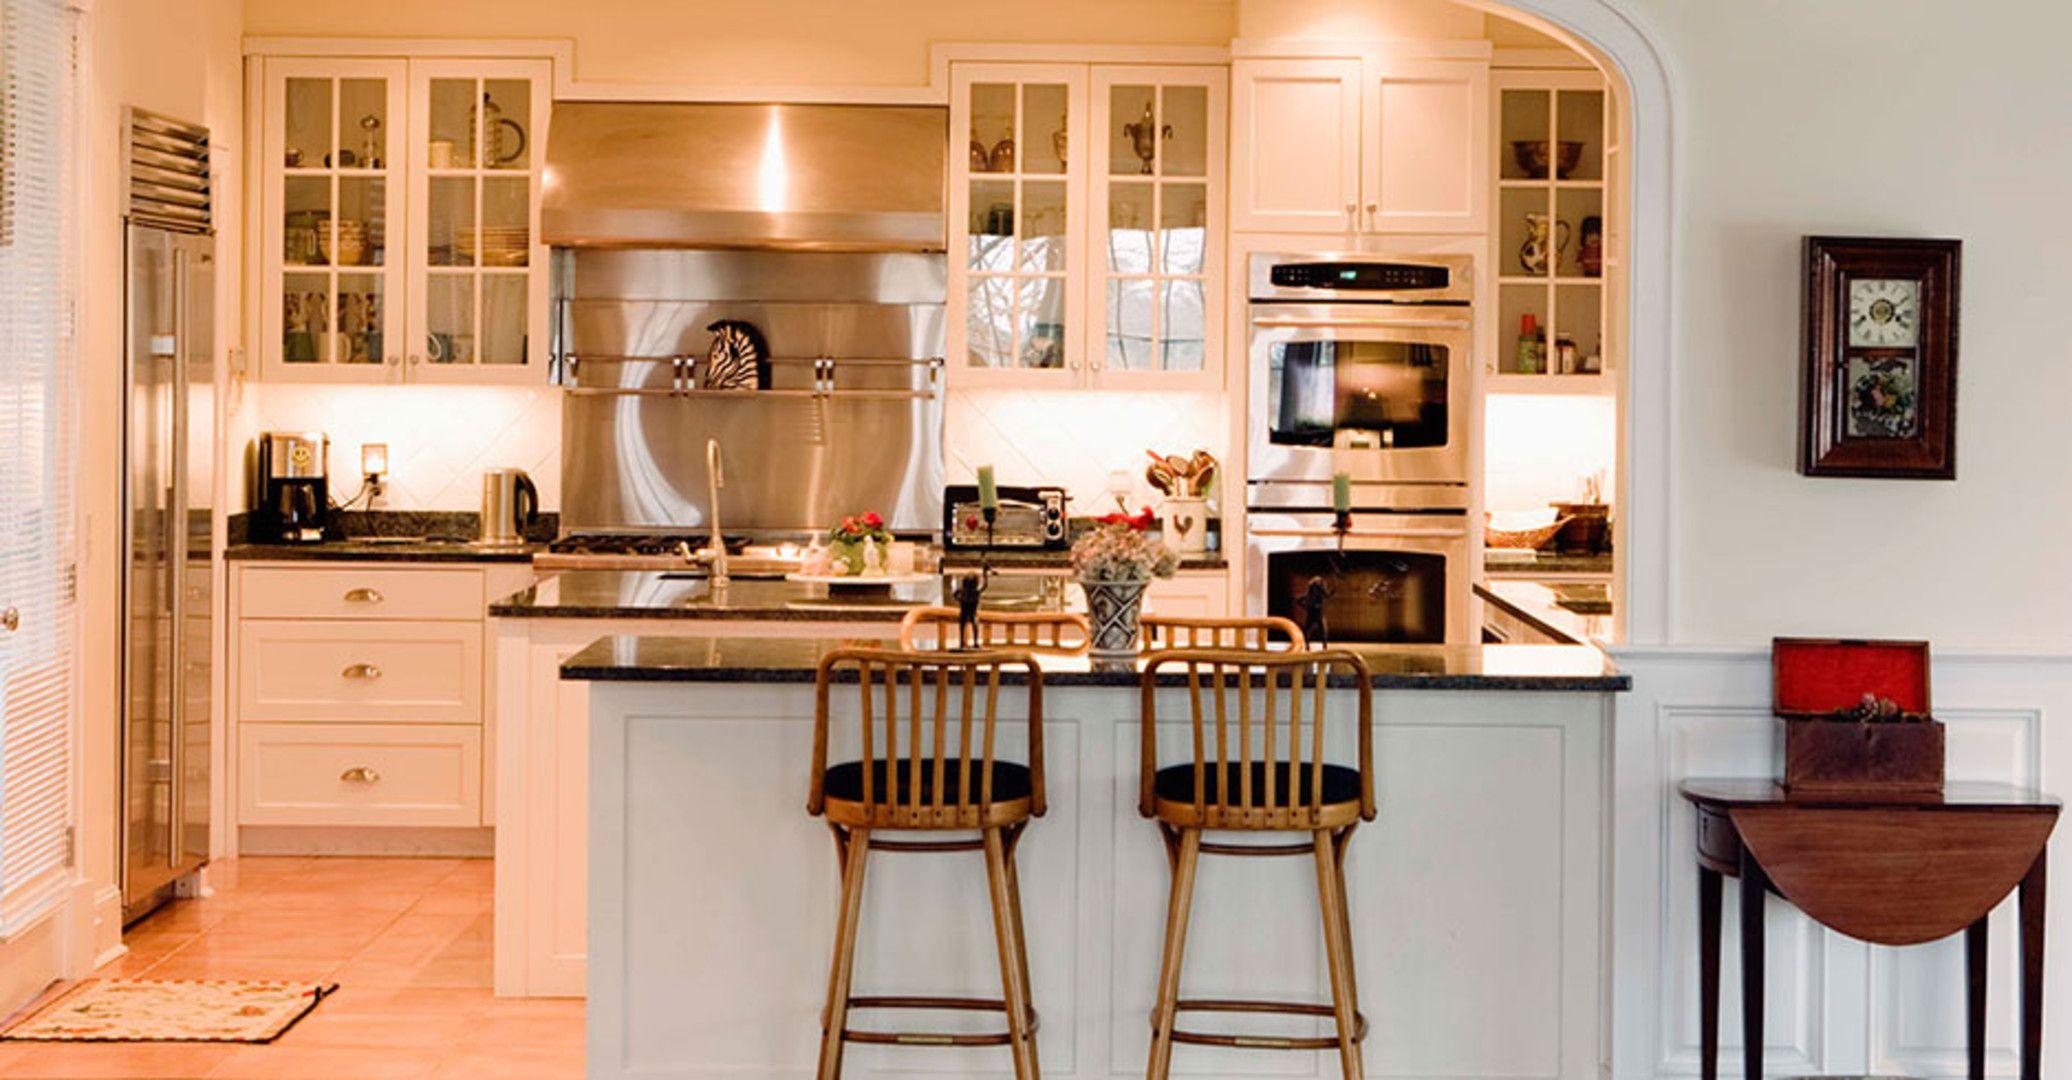 Berühmt Haushalt Küchenrenovierung Tipps Zeitgenössisch ...